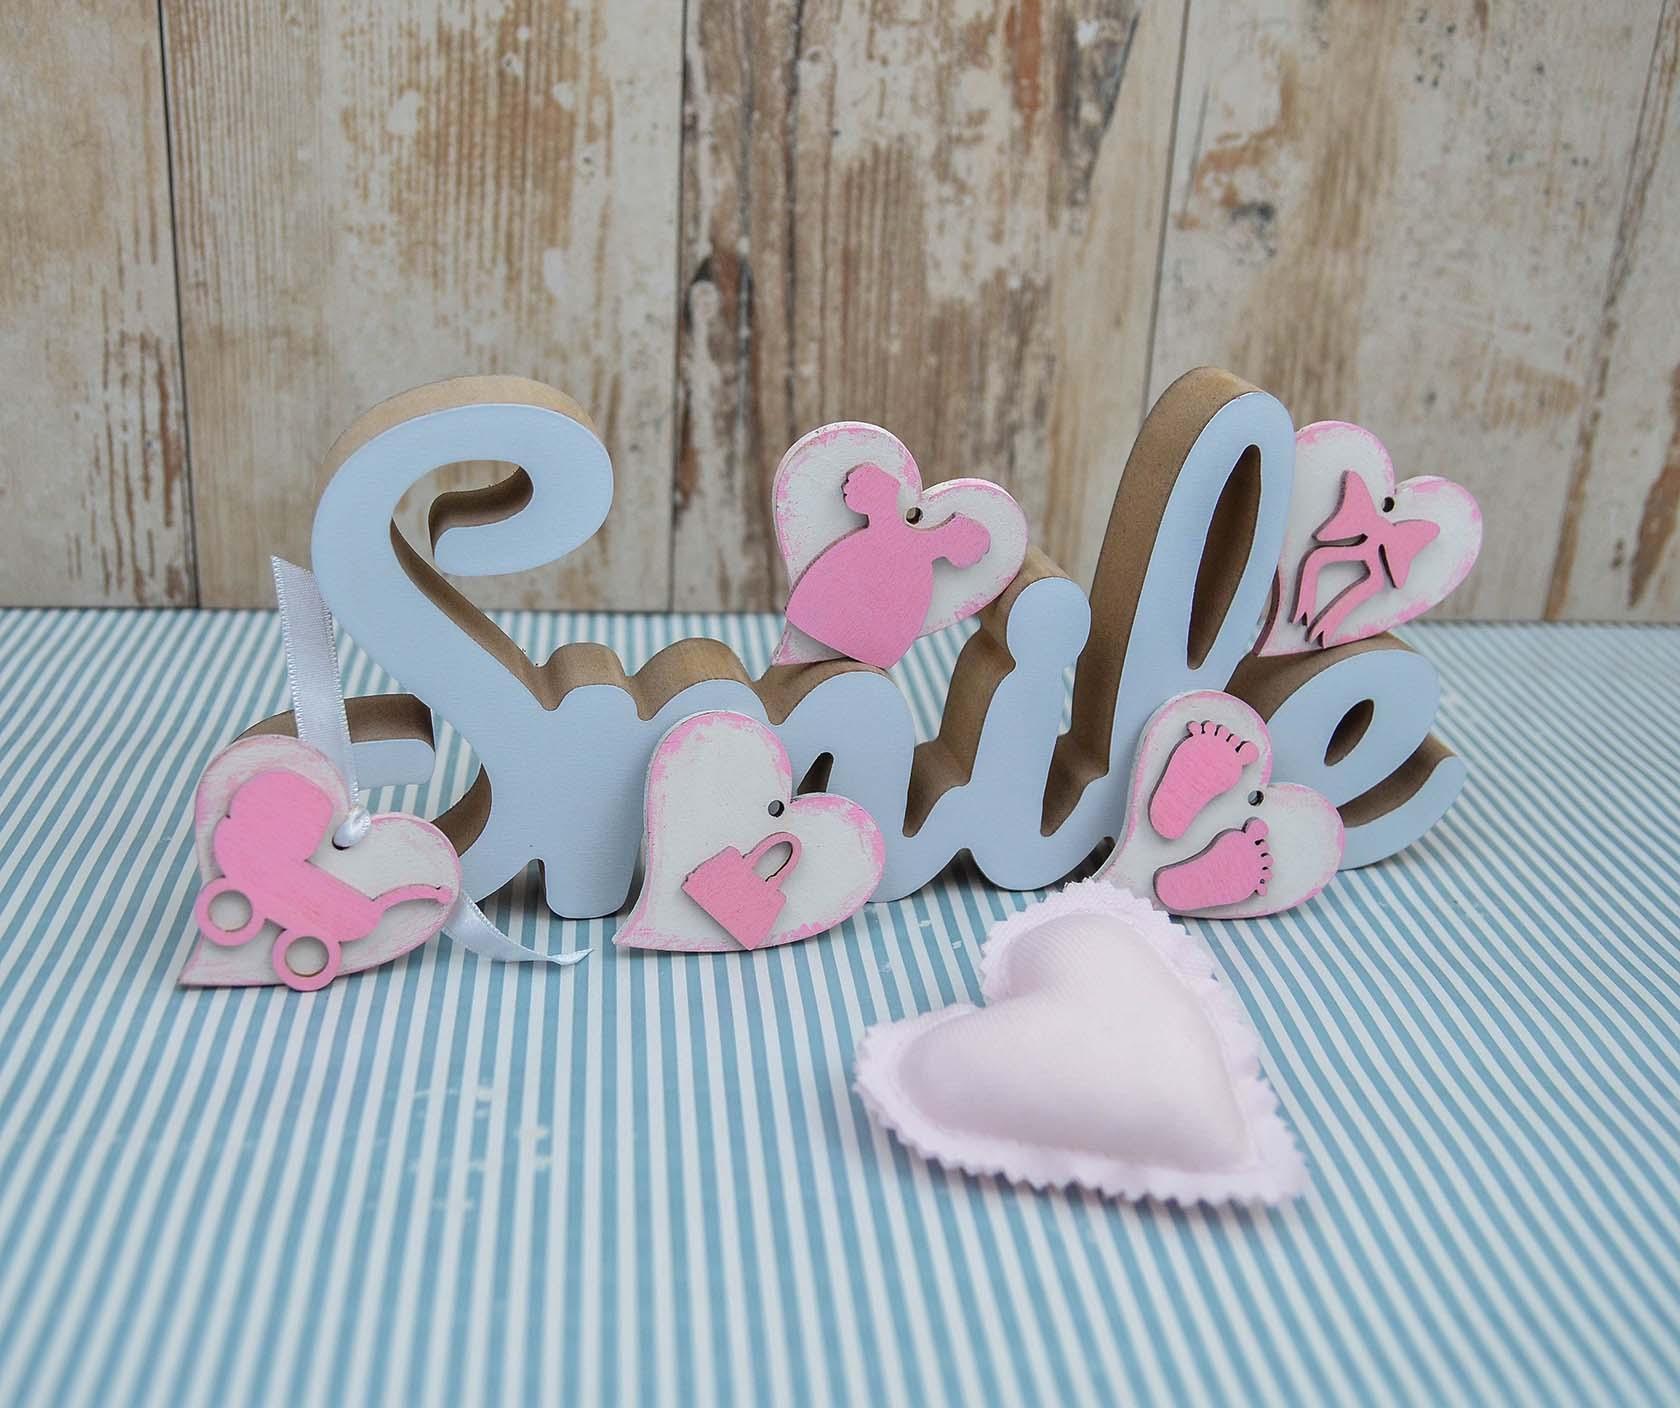 Marturii Botez Lemn Vintage Pink Le Petit Atelier Handmade Cu